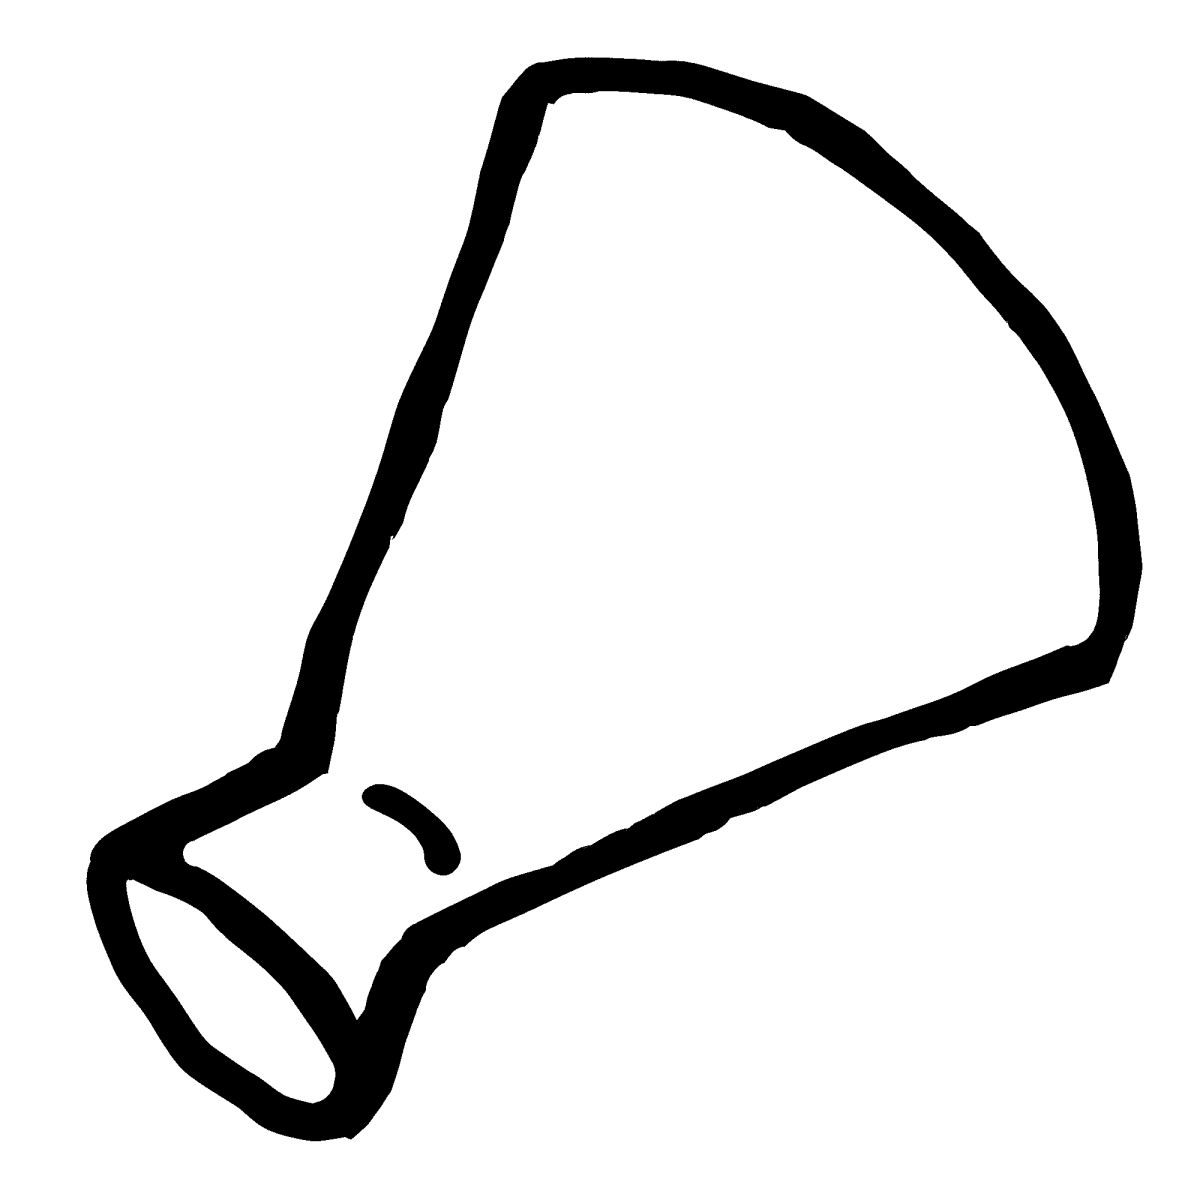 メガホンのイラスト megaphone  Illustration